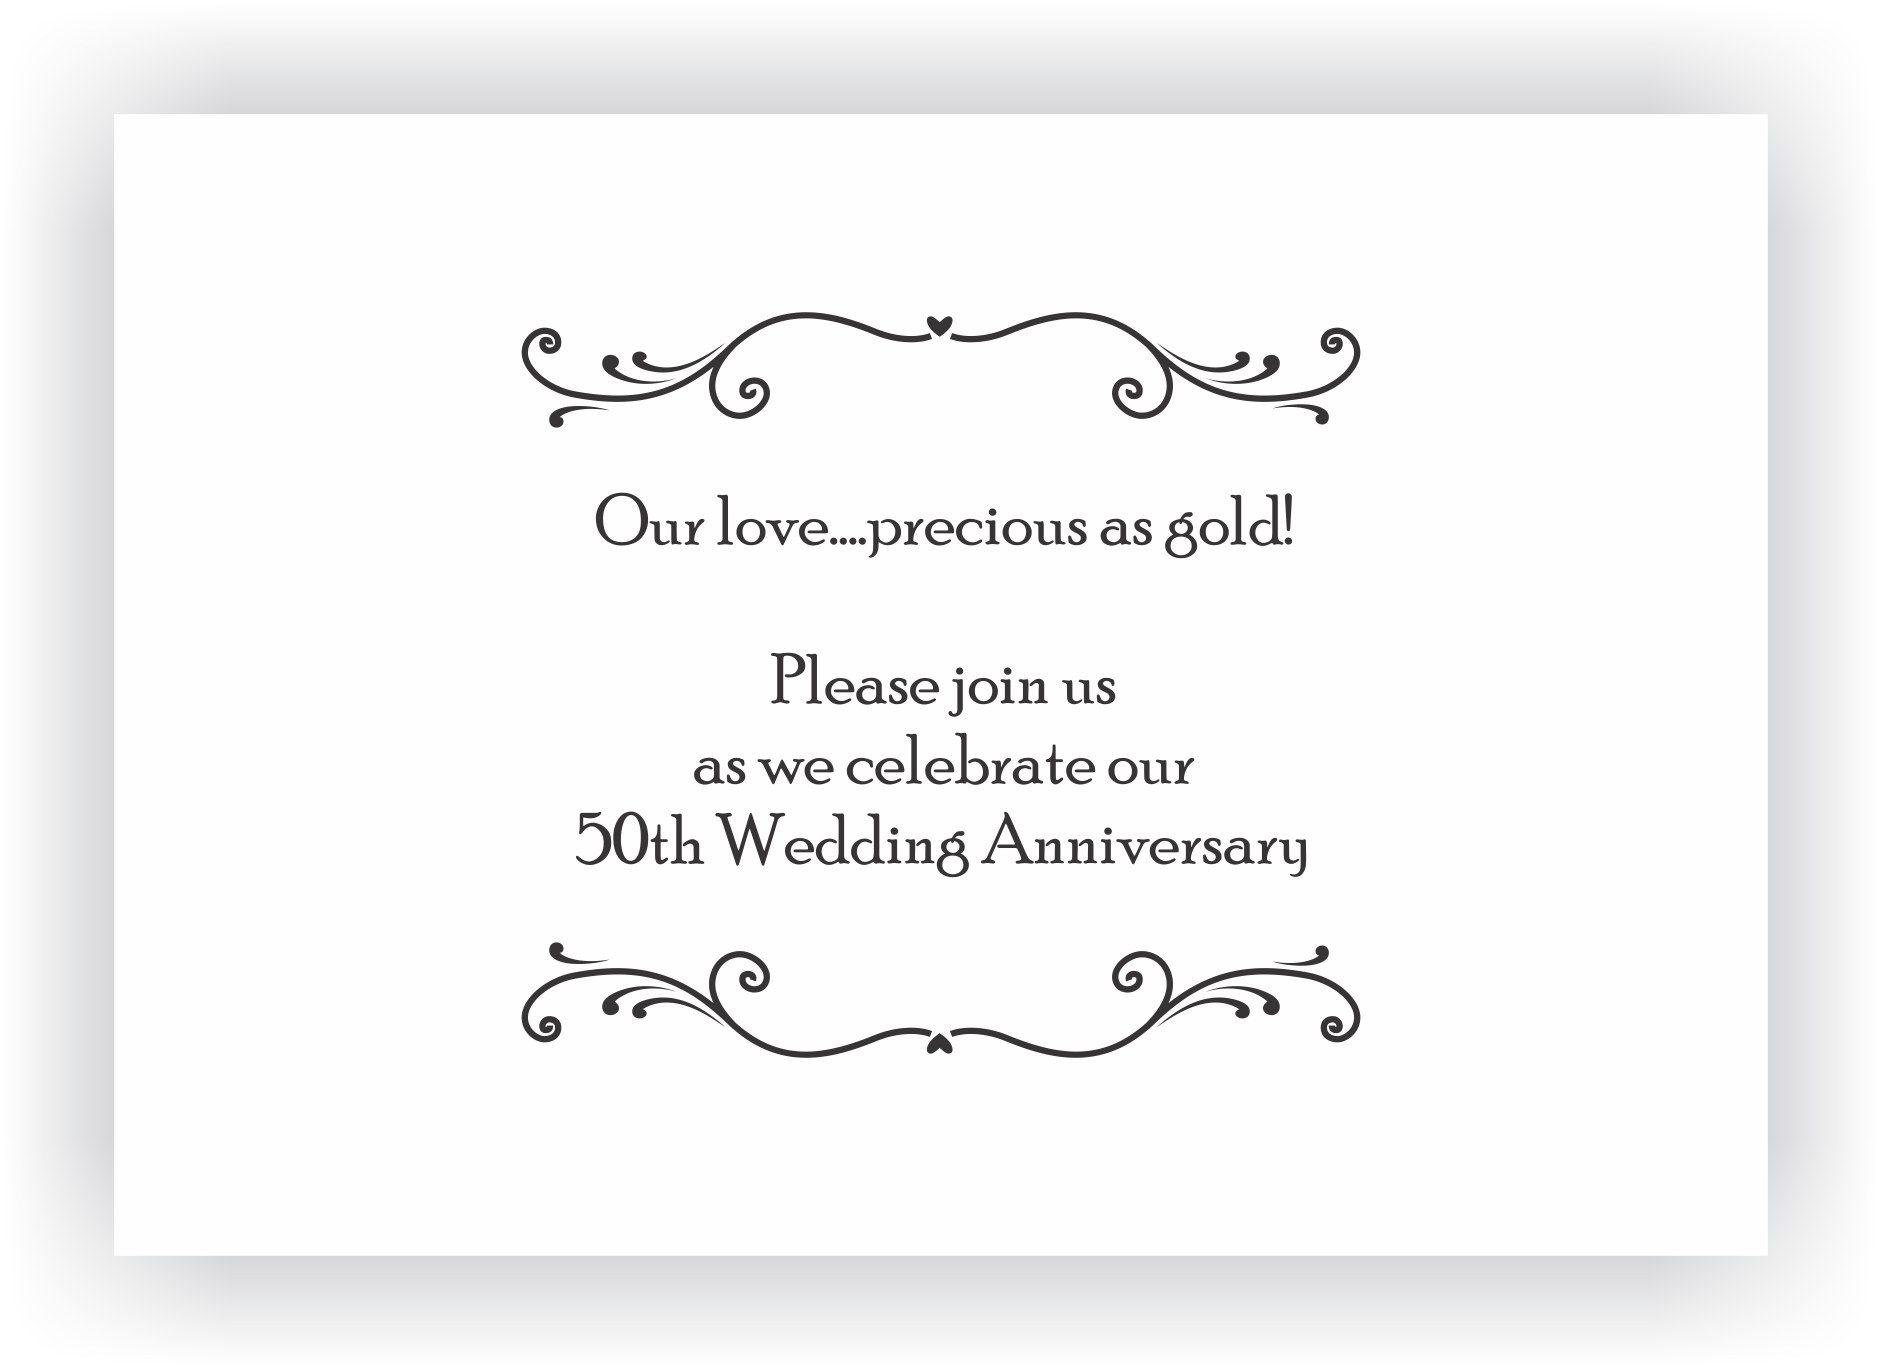 Wedding Anniversary Invitation Message: Marriage Anniversary Invitation Messages